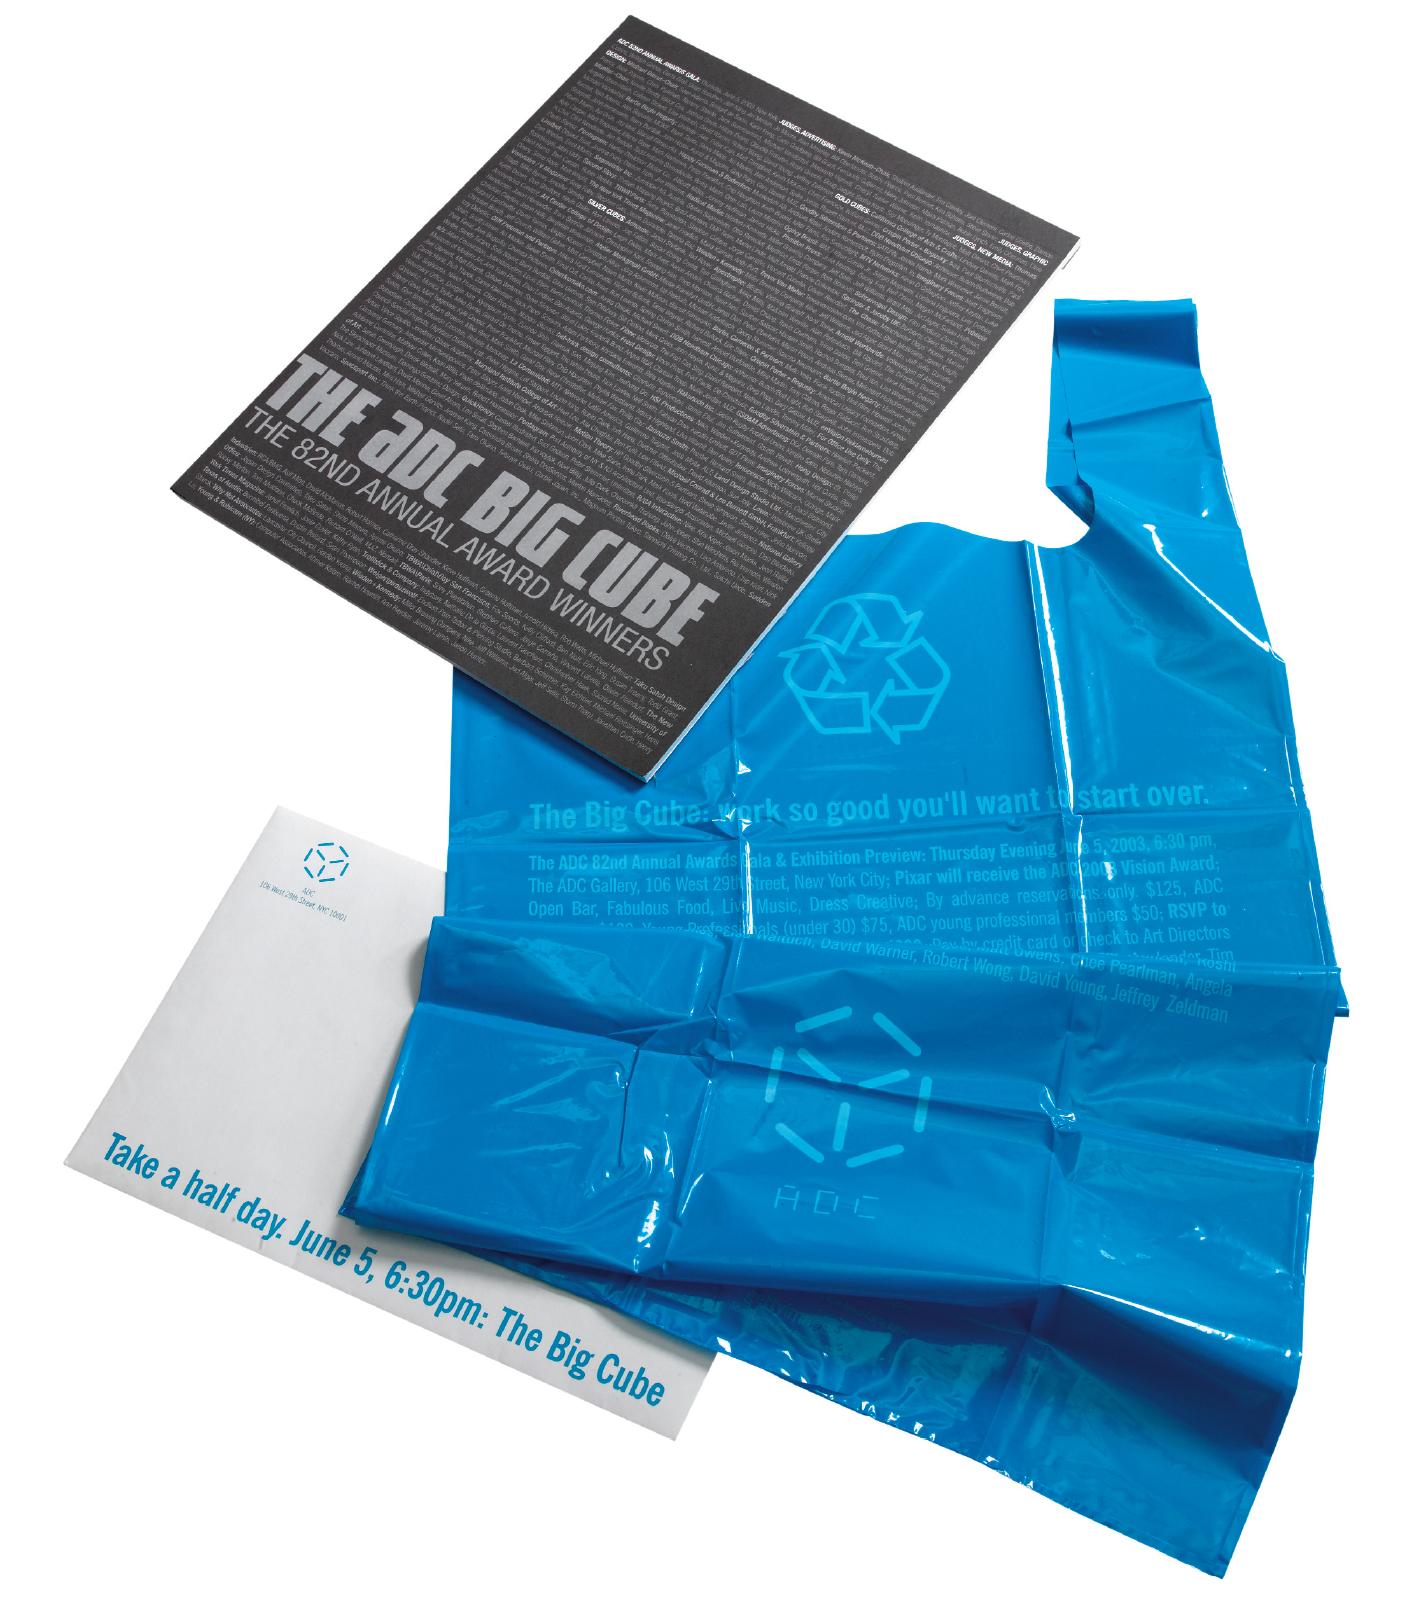 Print-milk-book-july-x1a-14.jpg